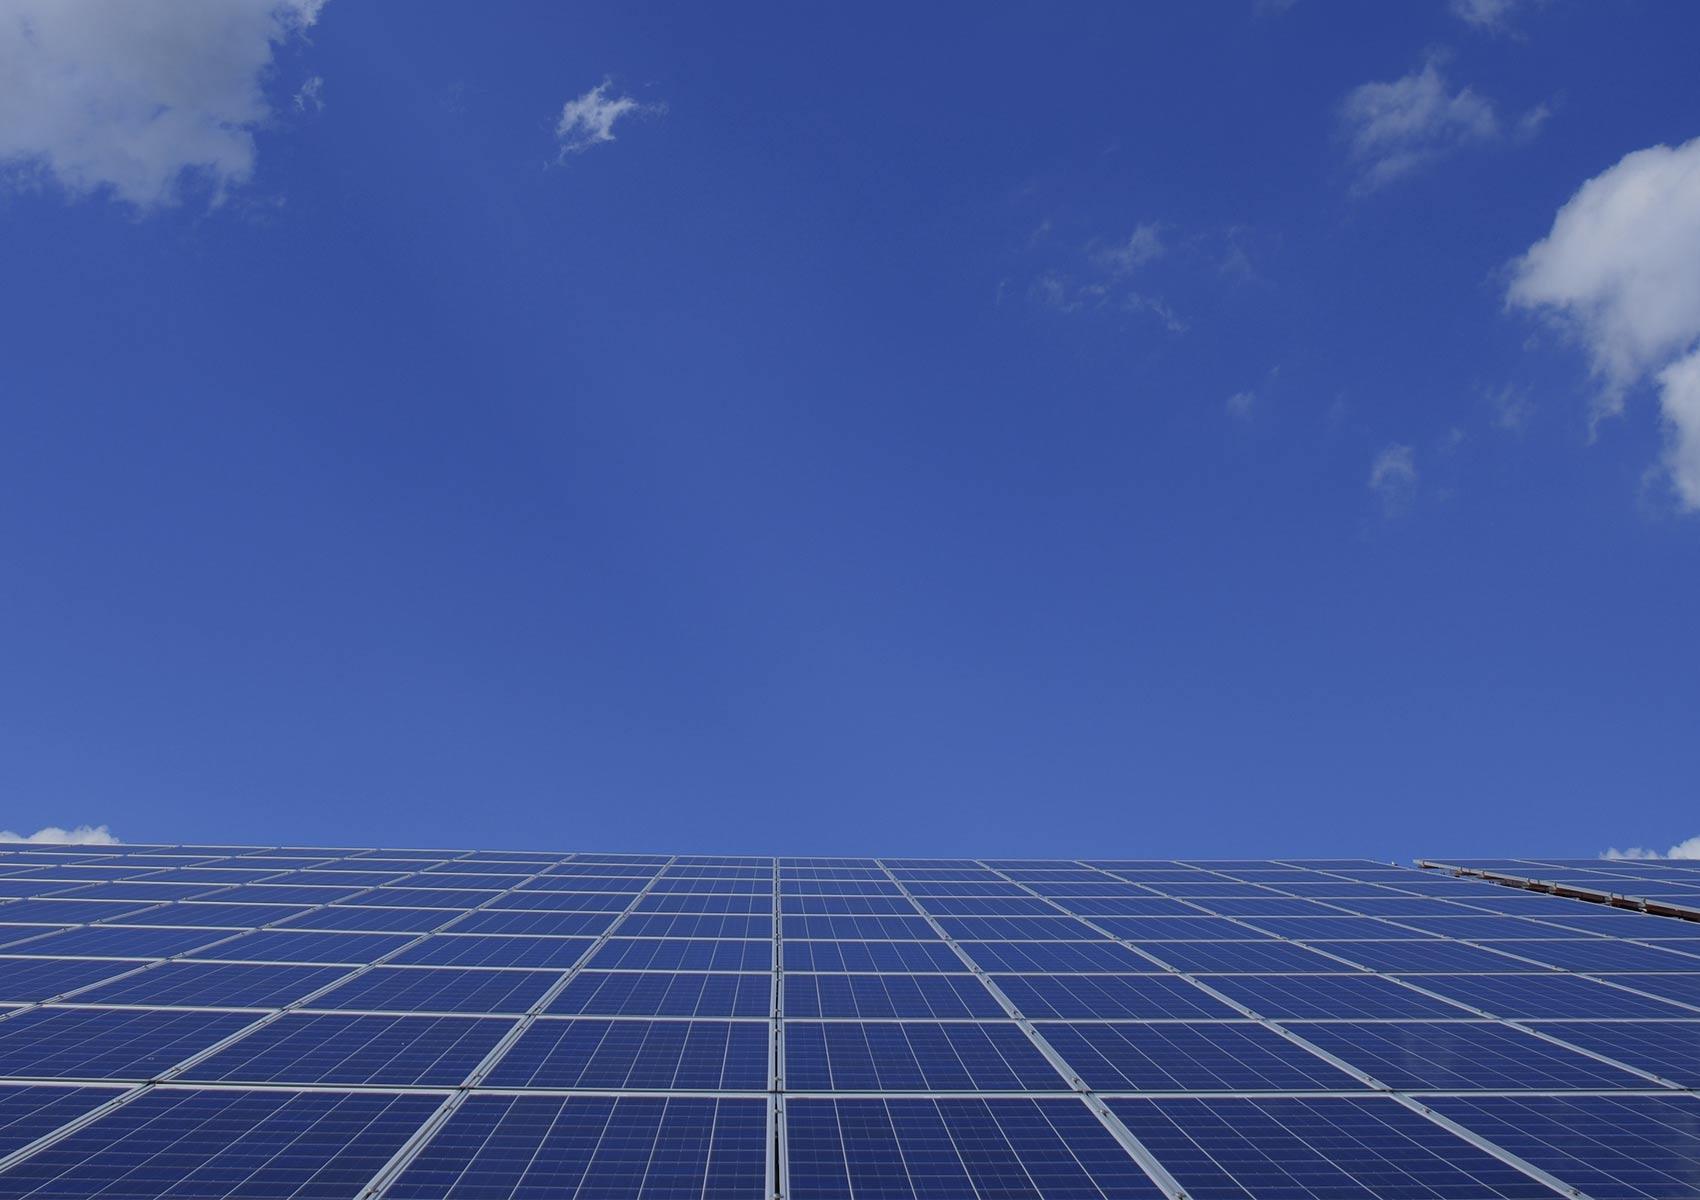 saergy-soluciones-sostenibles-y-eficientes